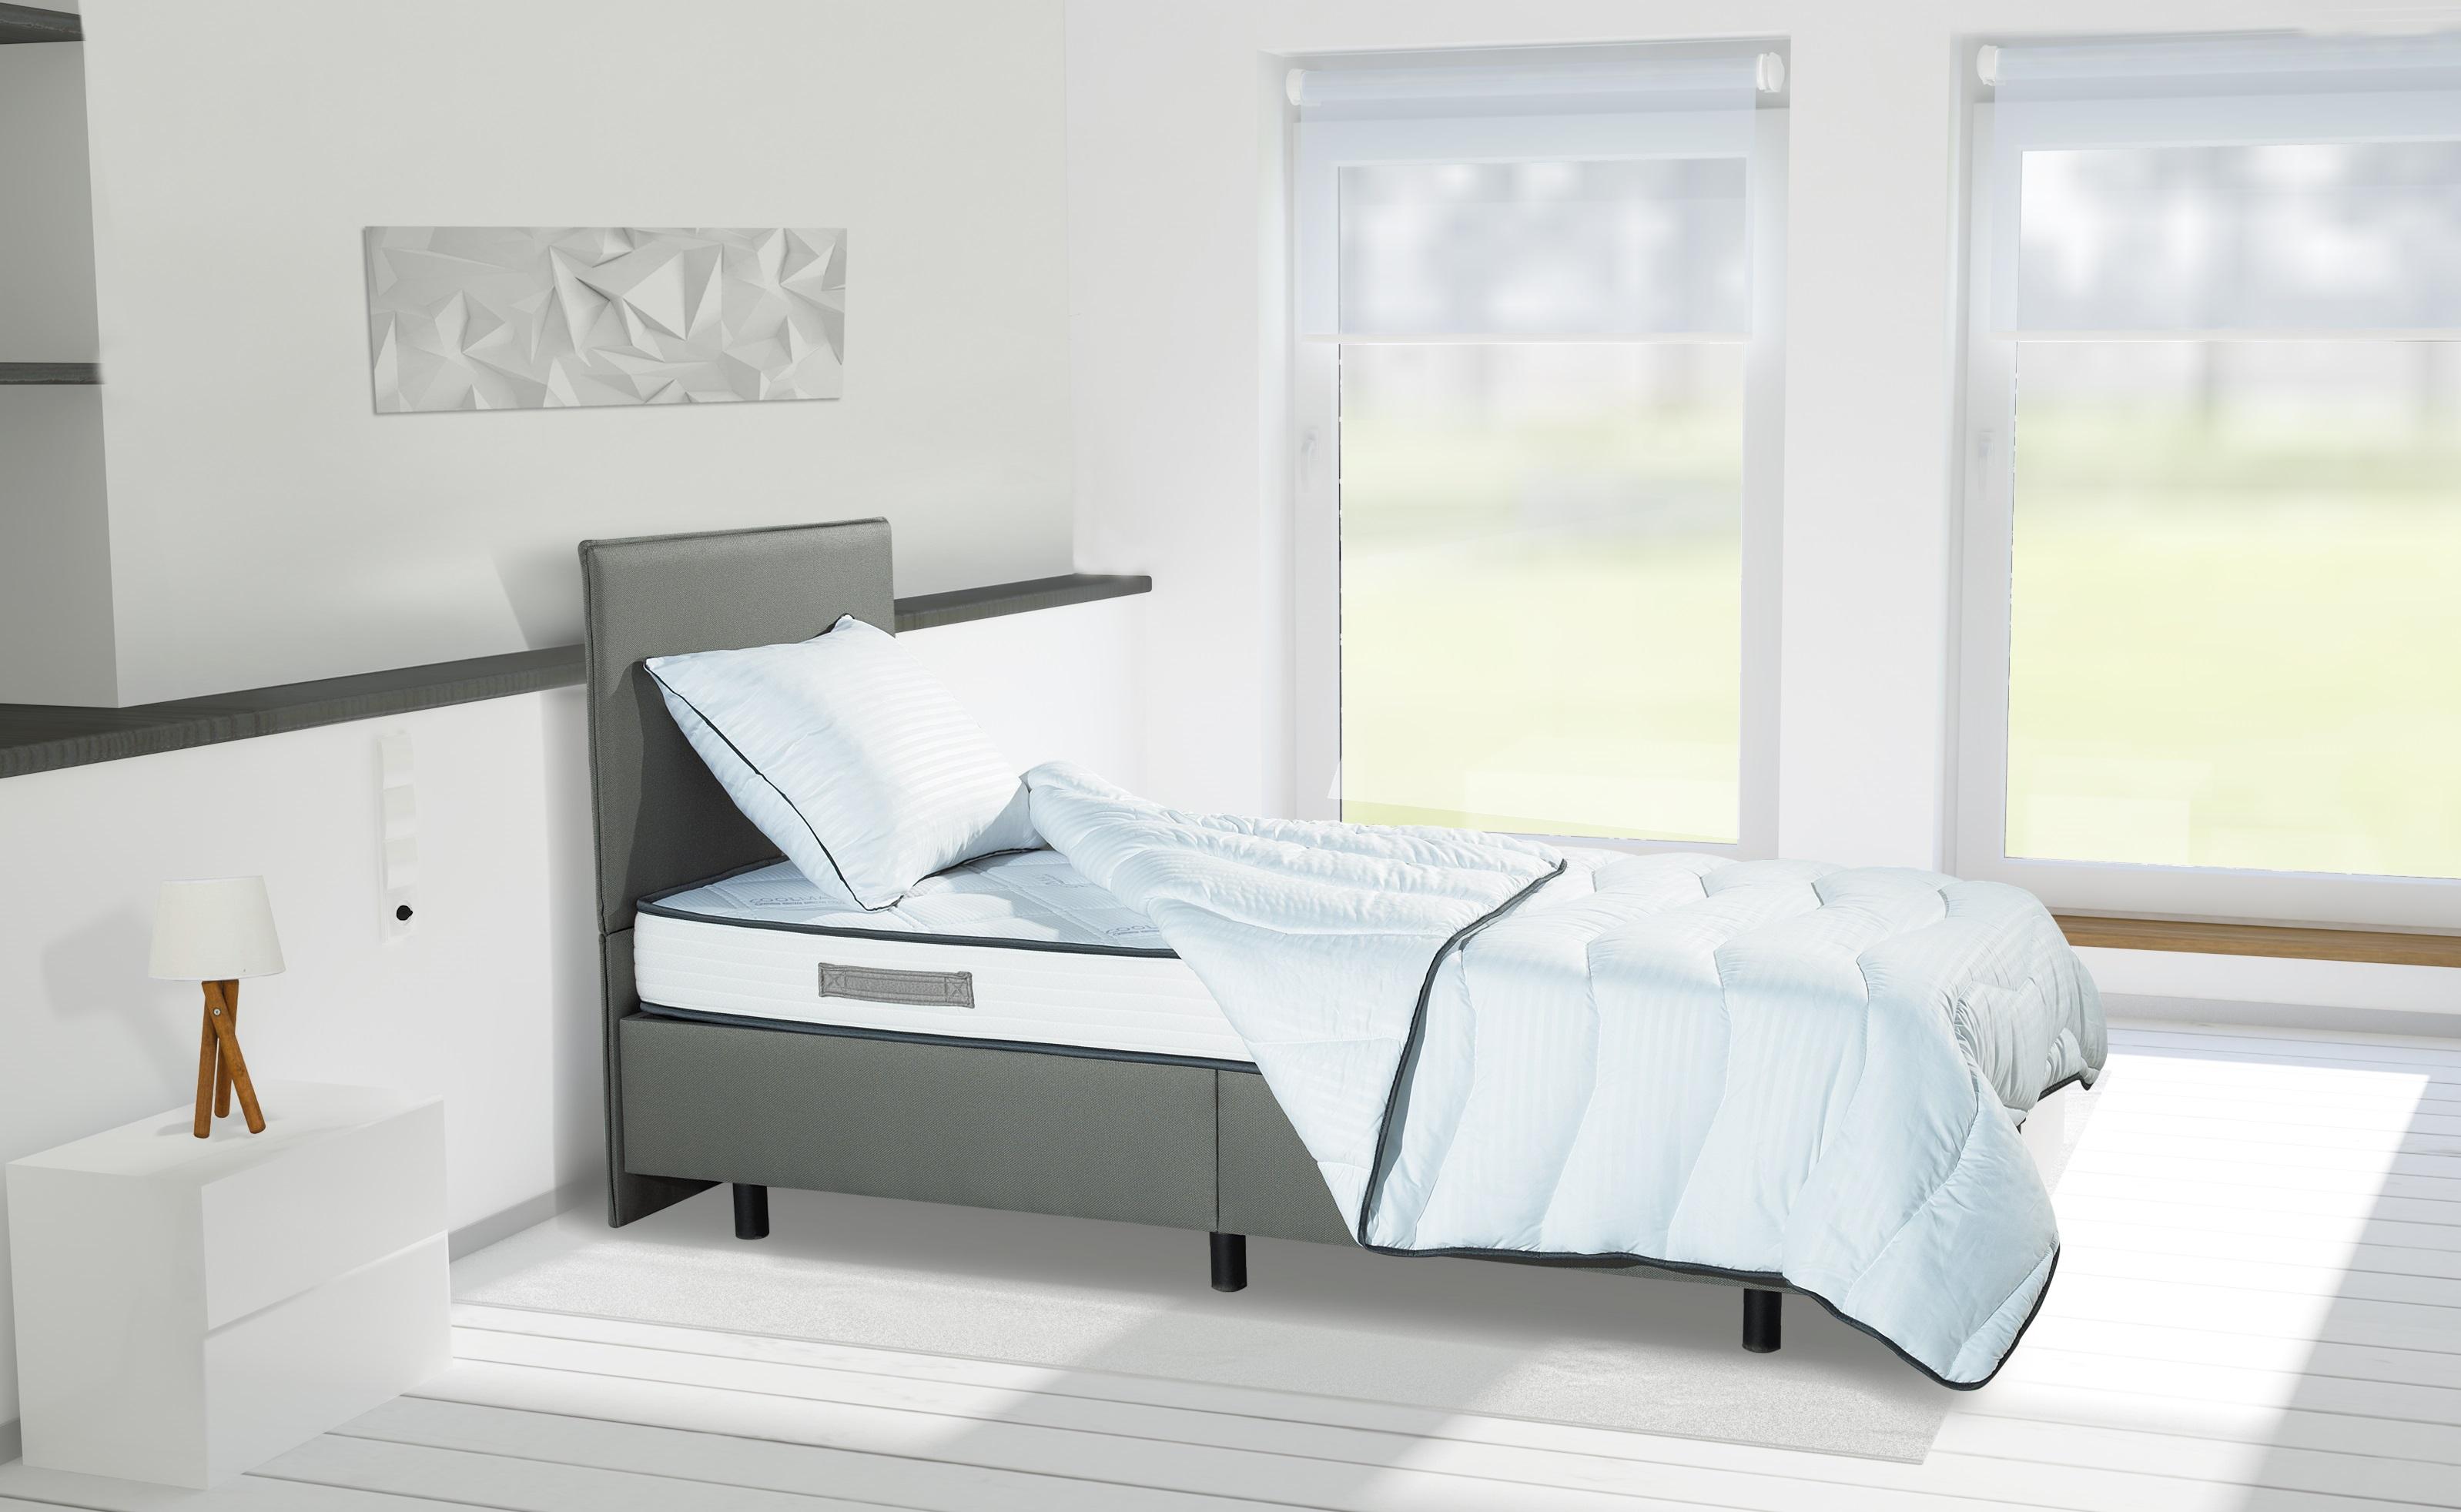 Aanbieding max sleep matras met boxbed dekbed kussen